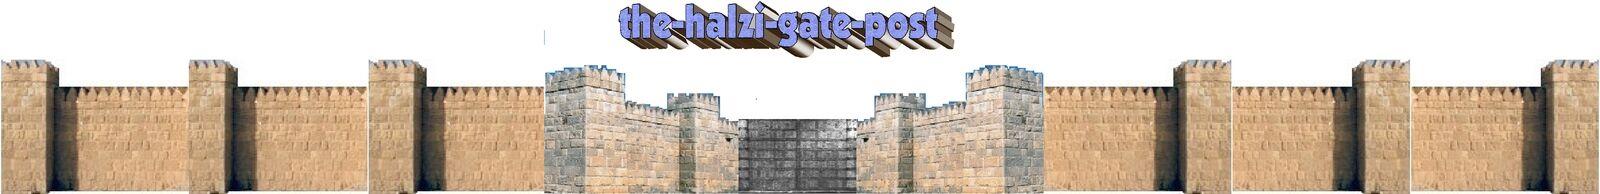 the-halzi-gate-post